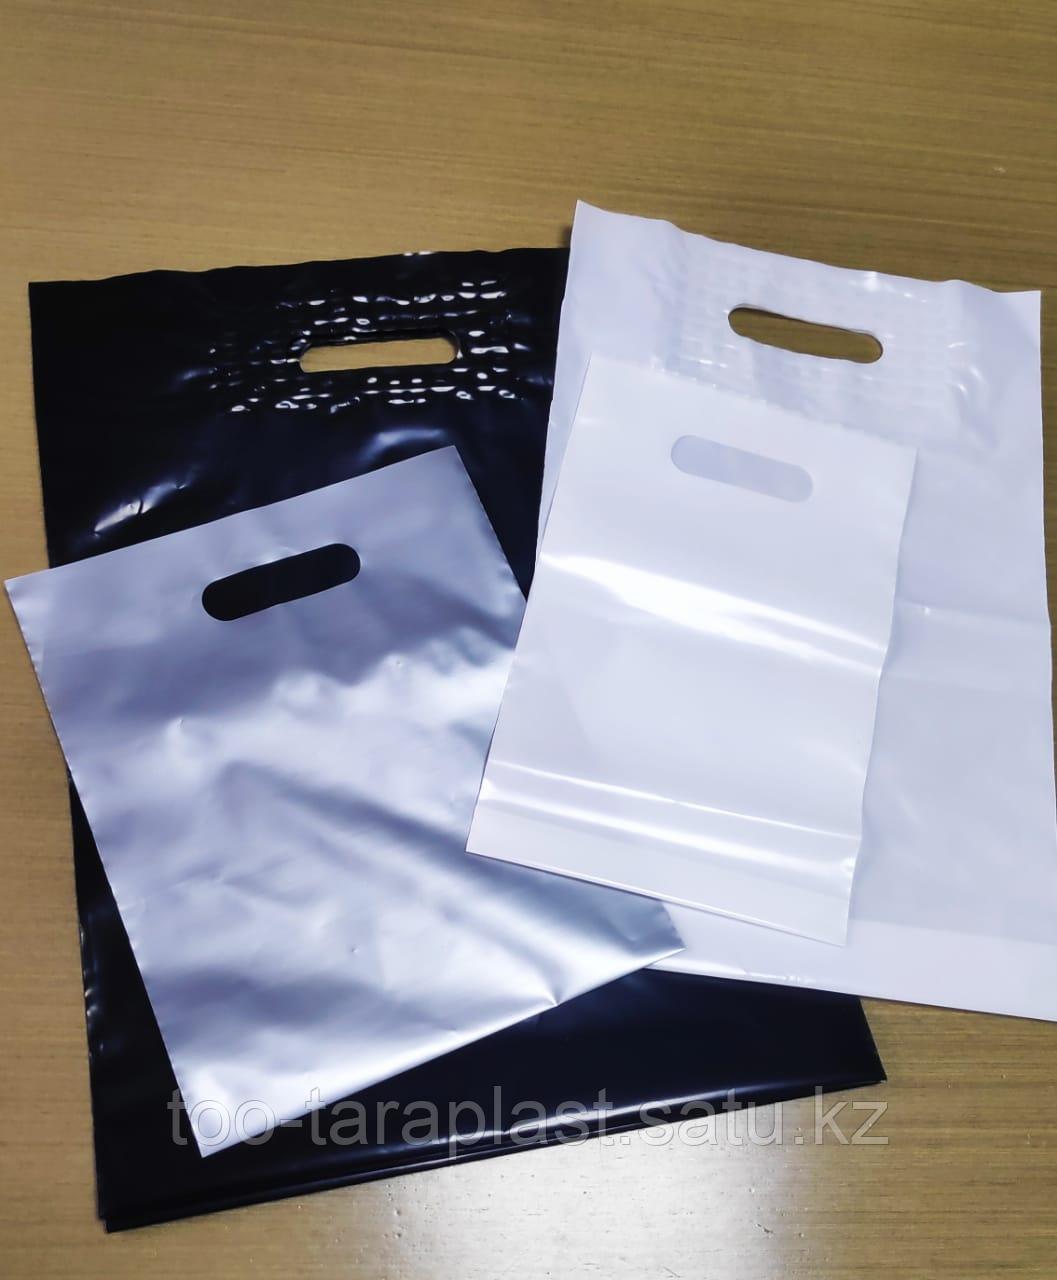 Пакеты полиэтиленовые 20*24см - фото 1